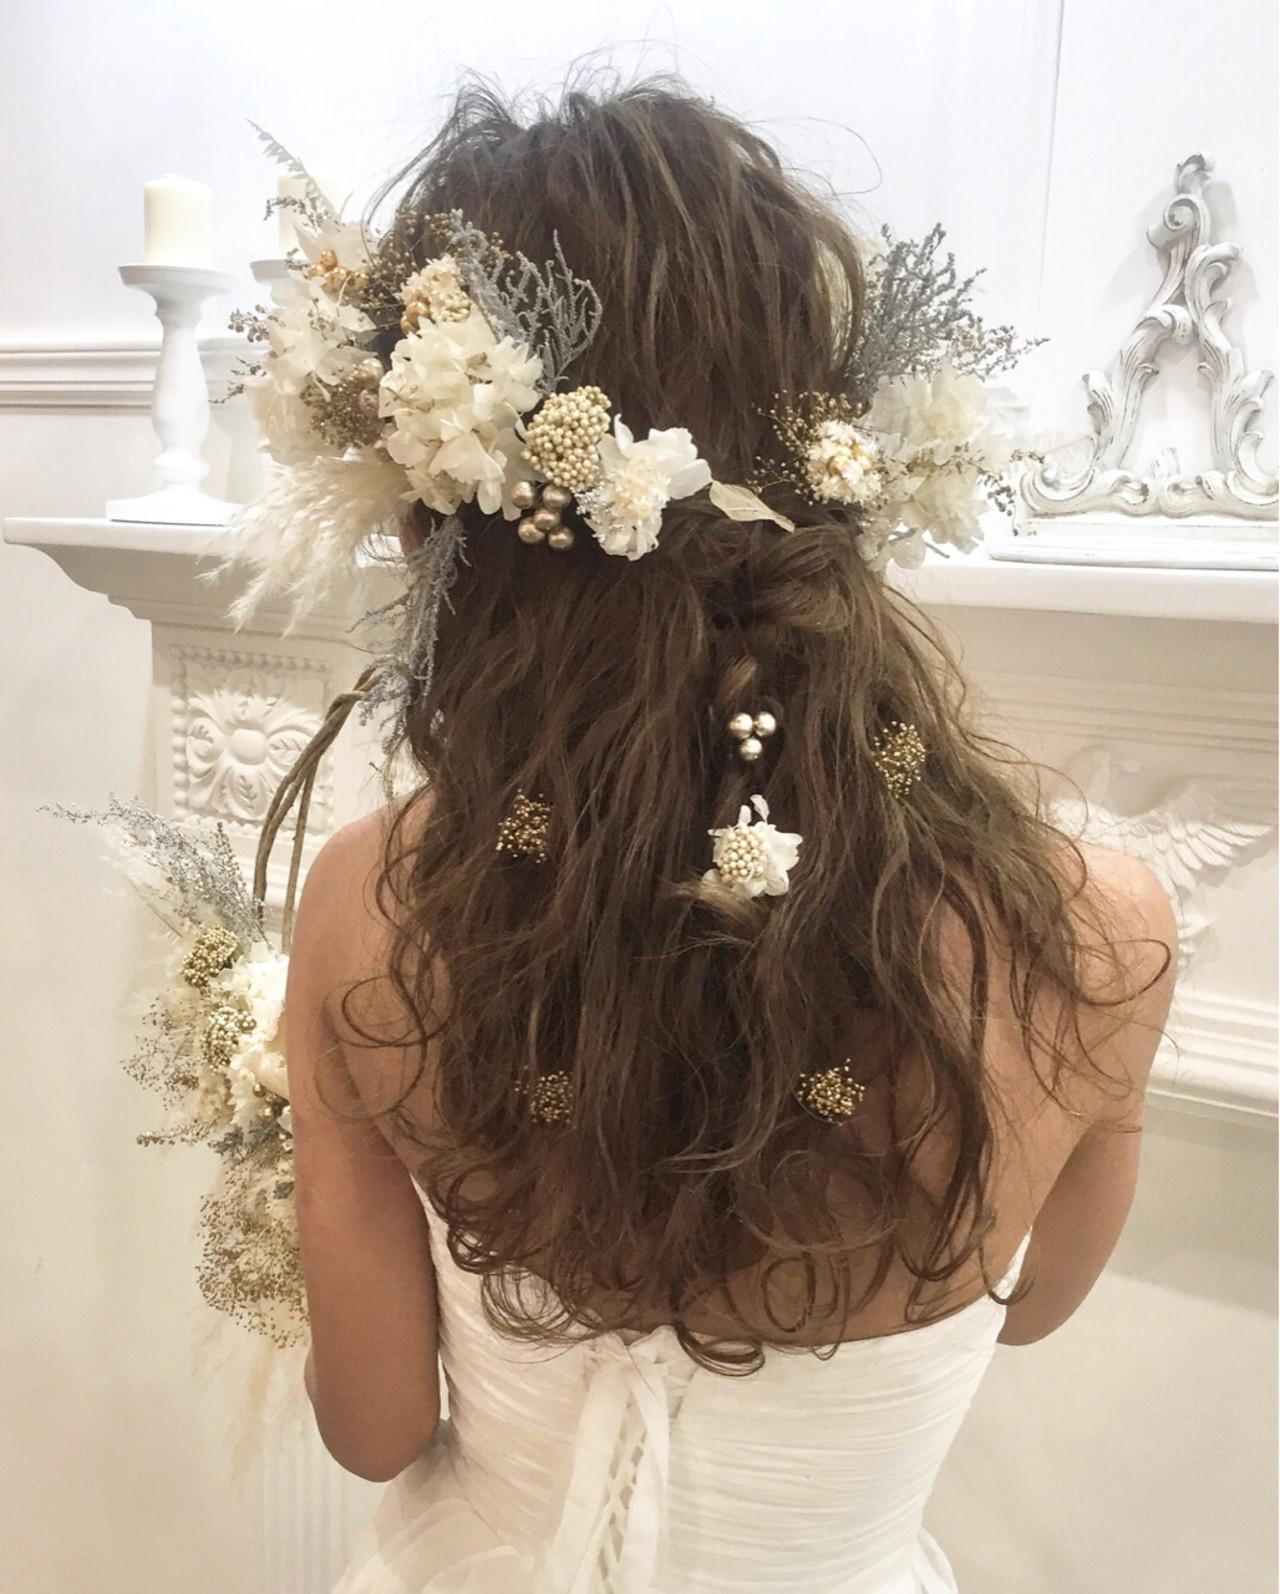 《花嫁アレンジ特集》結婚式の主役はあなた♡ステキな髪型を選ぼう!の10枚目の画像